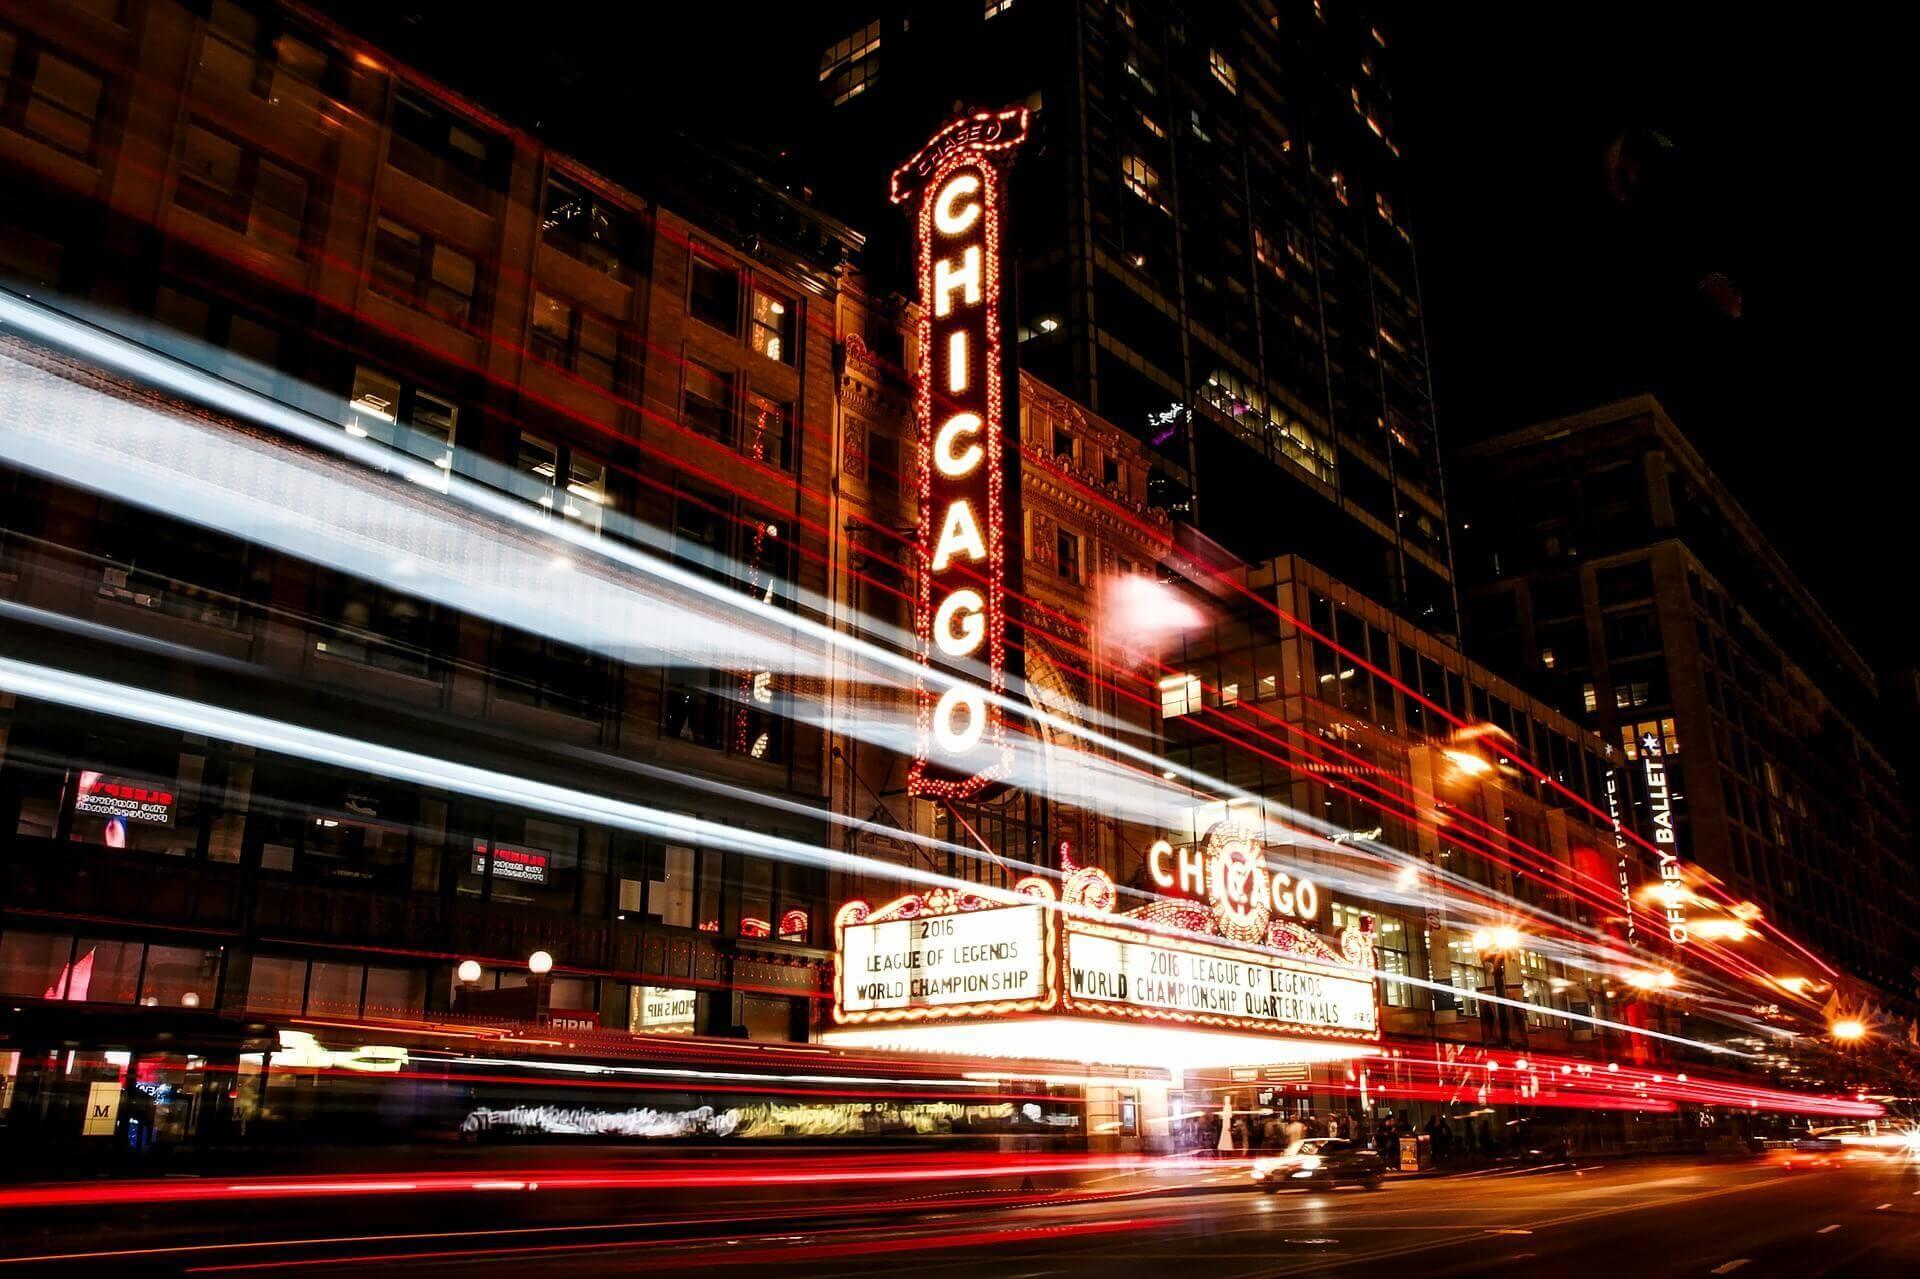 シカゴの劇場